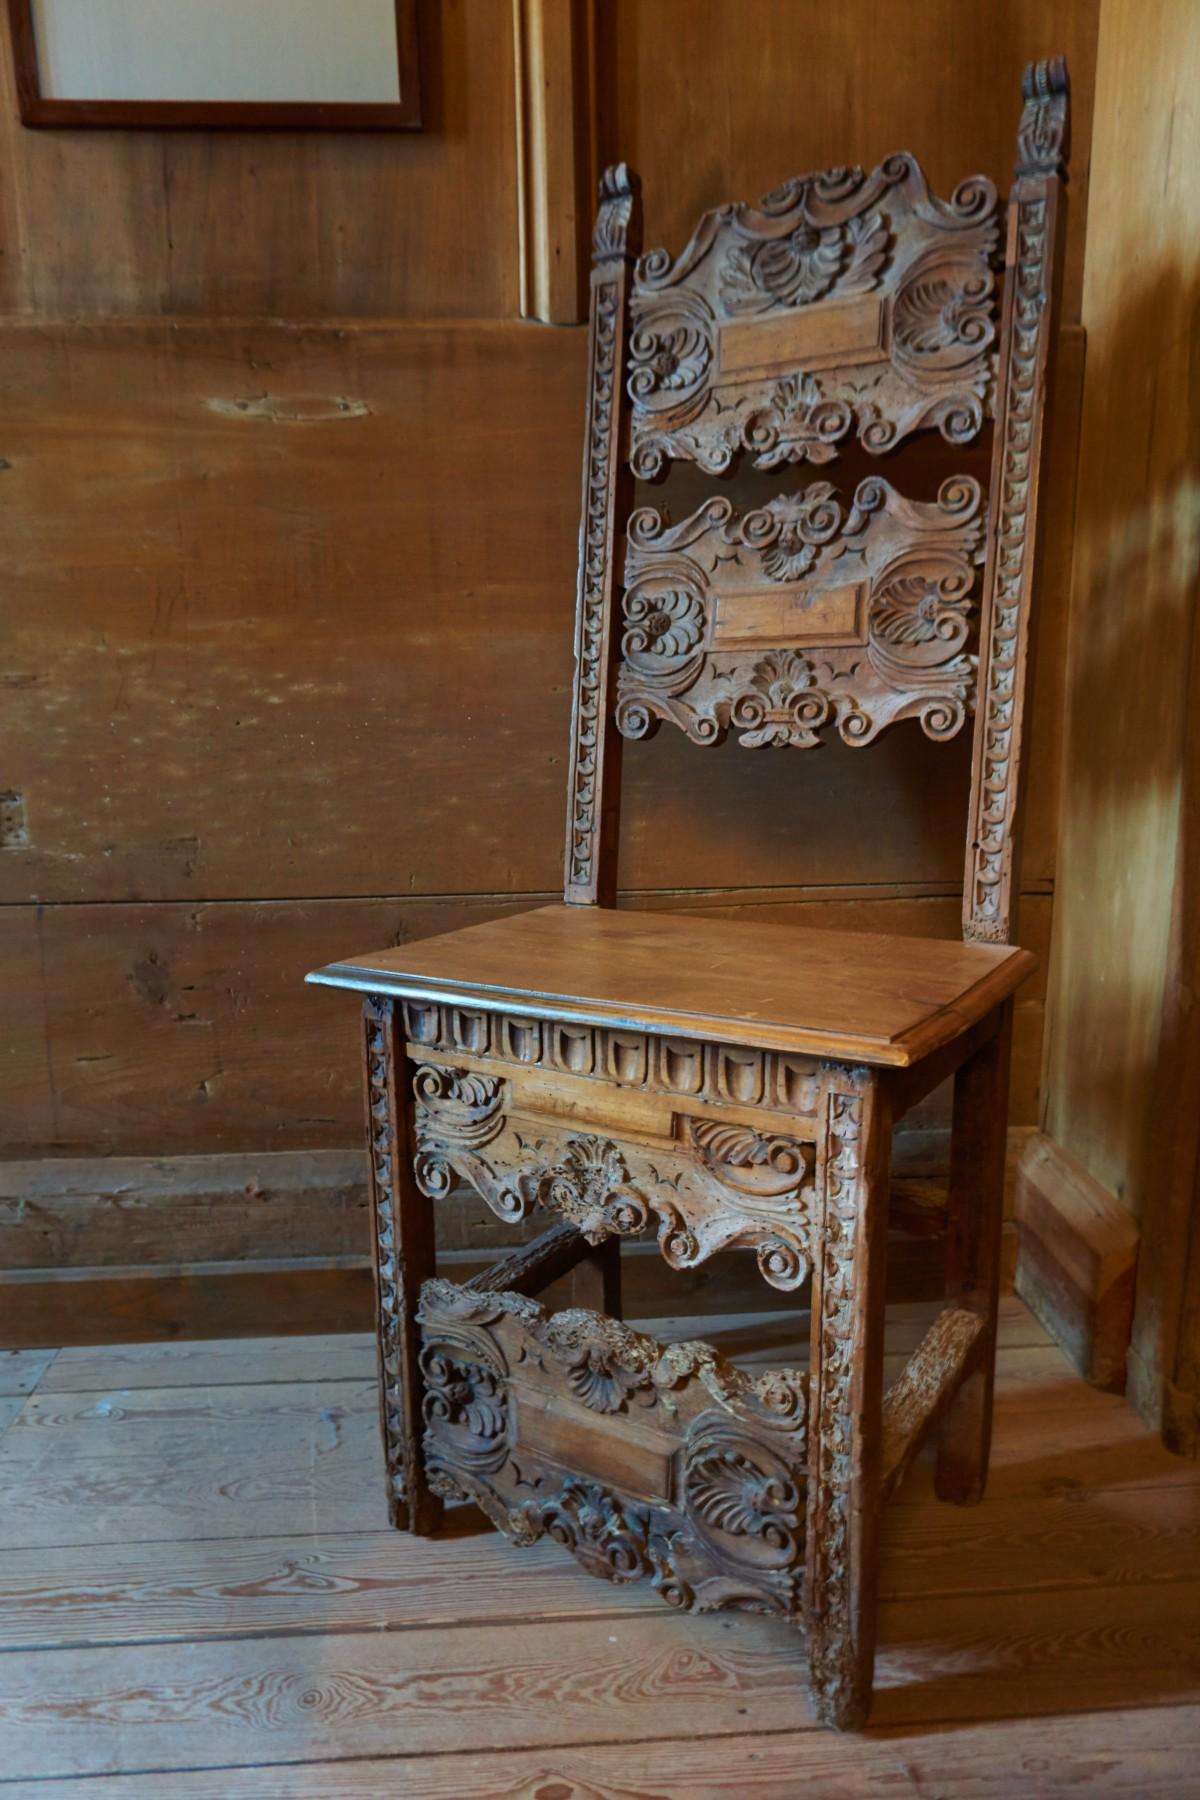 images gratuites chaussure bois antique r paration artisanat meubles art sculpture. Black Bedroom Furniture Sets. Home Design Ideas